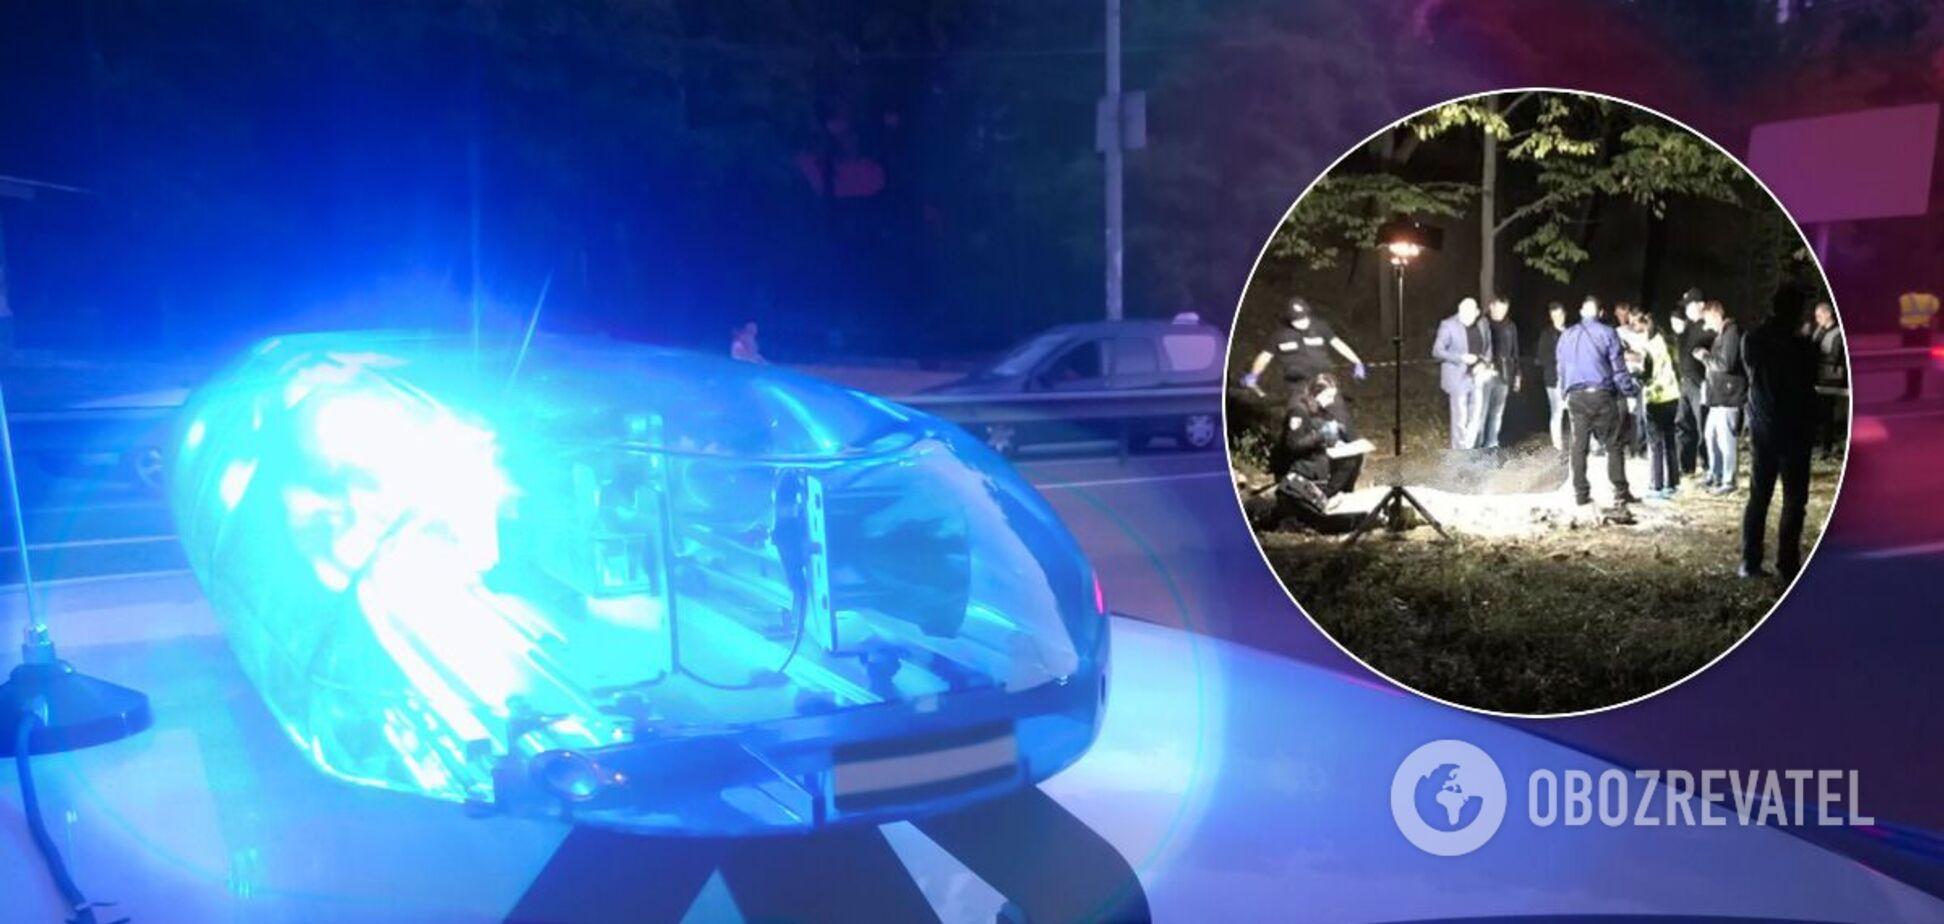 За фактом вбивства поліція відкрила кримінальне провадження